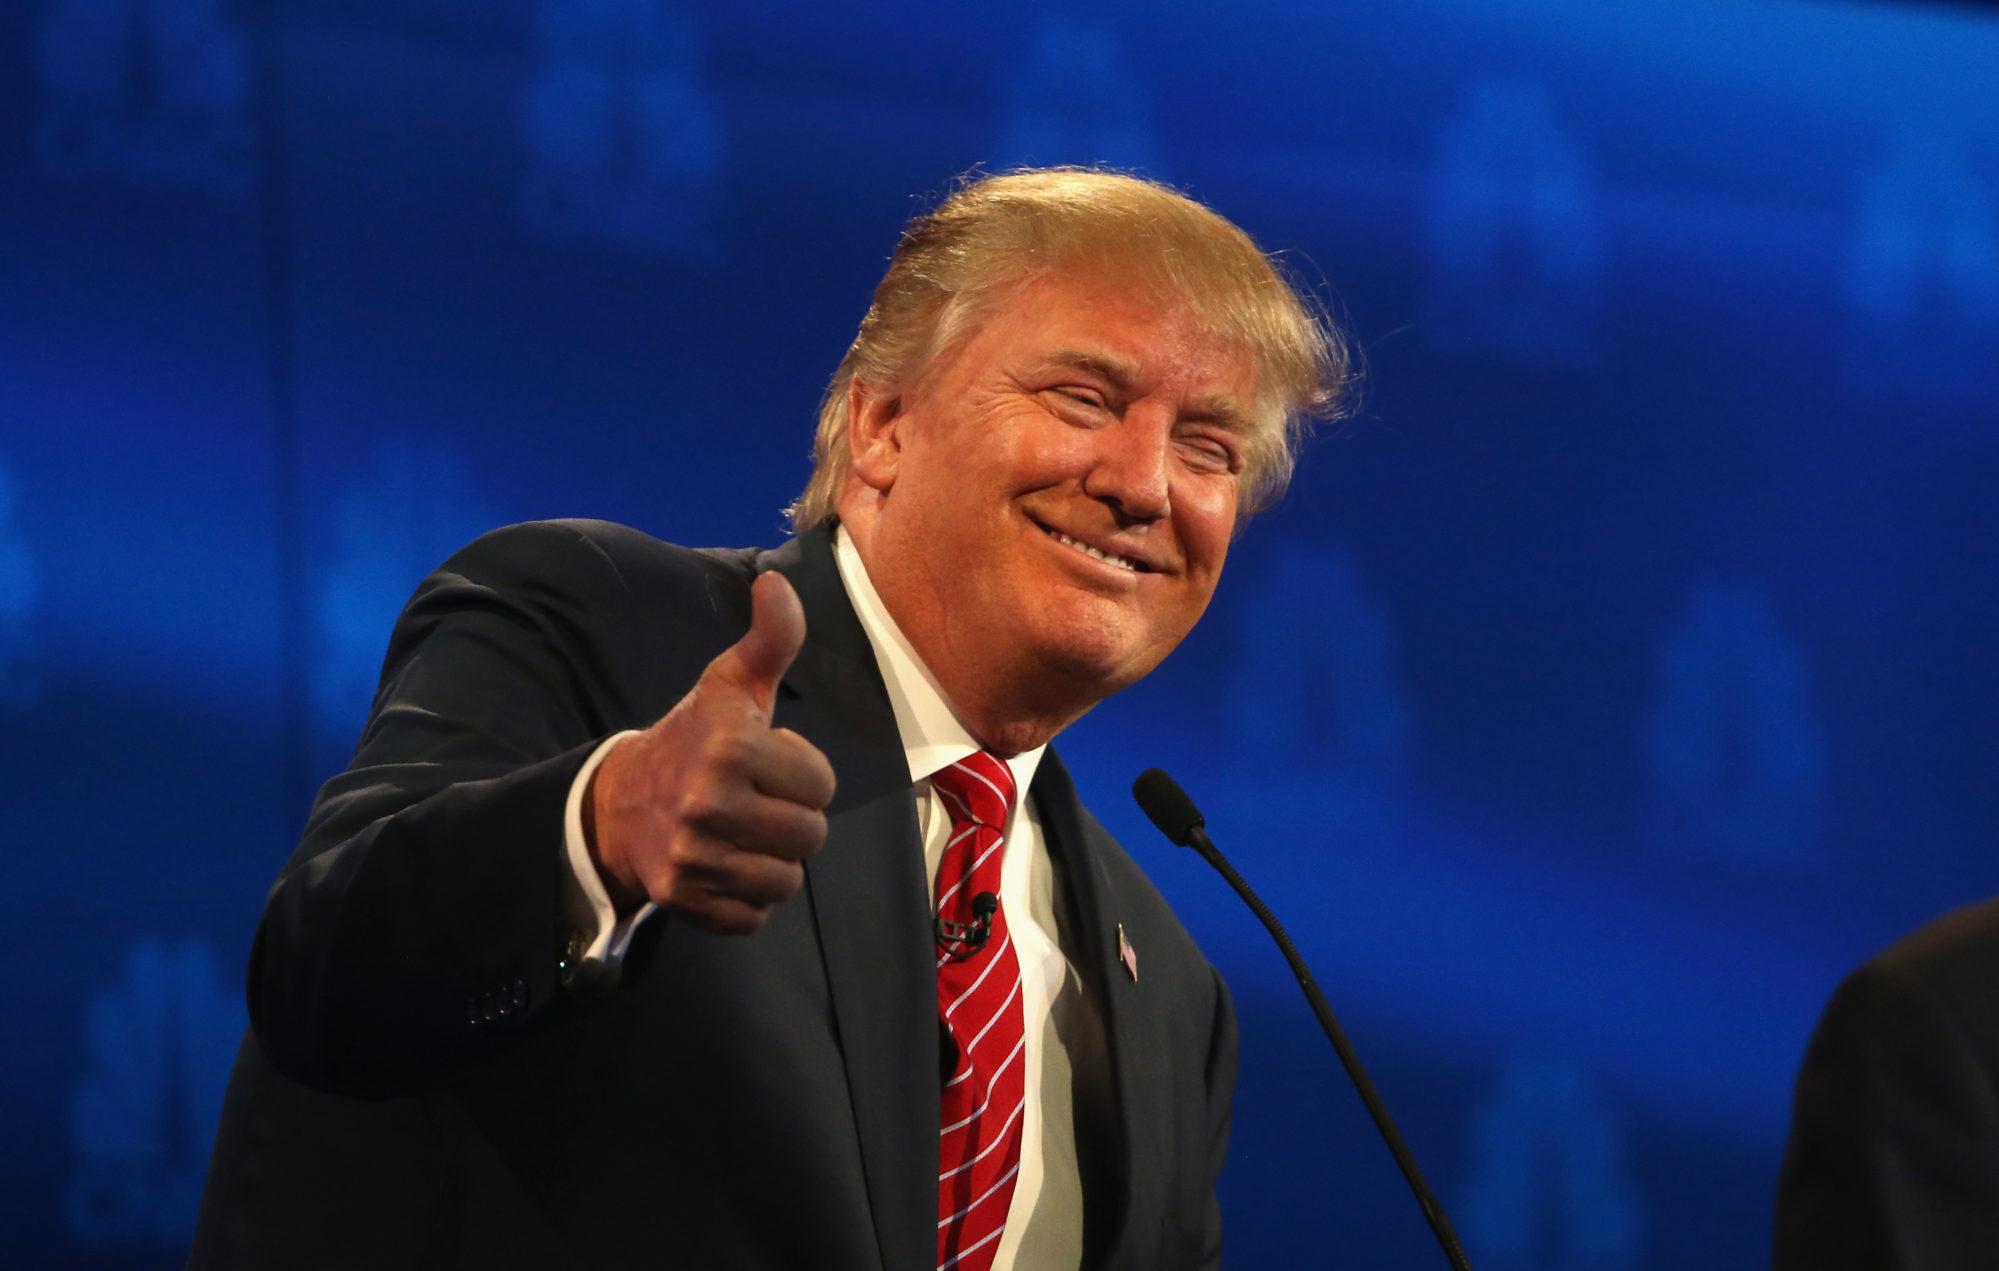 Le président américain Donald Trump montrant sa satisfaction